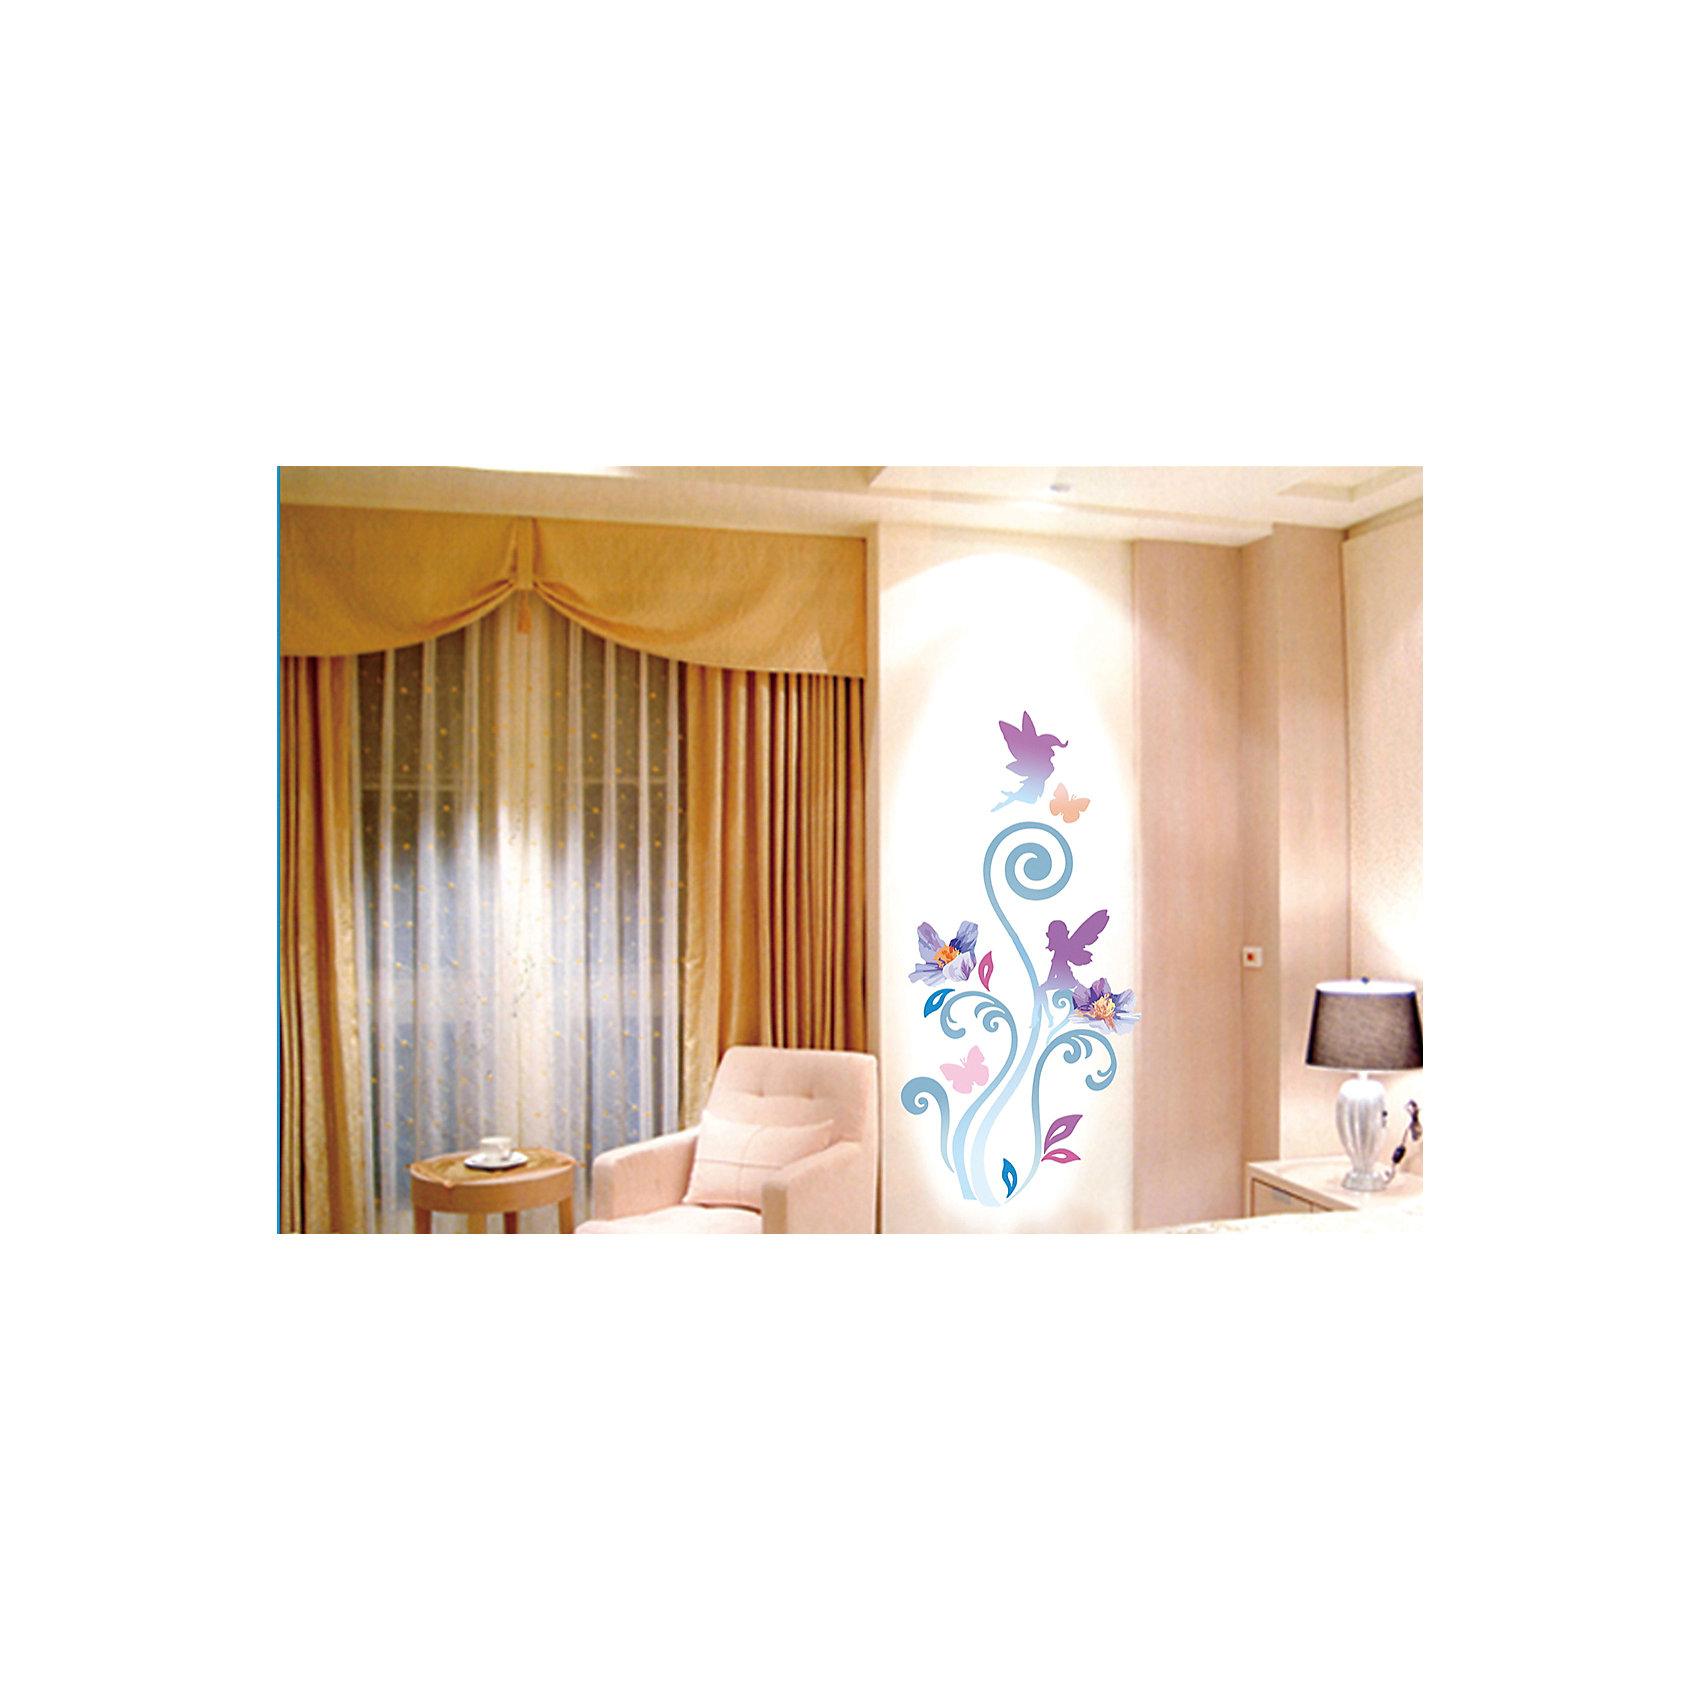 Настенное украшение Волшебный мир 35*52 см (синий)Декоративное настенное украшение в виде фей и бабочек поможет украсить дом и отлично впишется в любой интерьер. Украшение состоит из 21 элемента на клеевой основе.<br><br>Дополнительная информация:<br><br>- Материал: ПВХ.<br>- Размер: 35х52 см.<br>- Комплектация: 21 самоклеющийся элемент.<br>- Цвет: синий.<br><br>Настенное украшение Волшебный мир 35х52 см (синее) можно купить в нашем магазине.<br><br>Ширина мм: 5<br>Глубина мм: 520<br>Высота мм: 350<br>Вес г: 150<br>Возраст от месяцев: 36<br>Возраст до месяцев: 2147483647<br>Пол: Женский<br>Возраст: Детский<br>SKU: 4501149